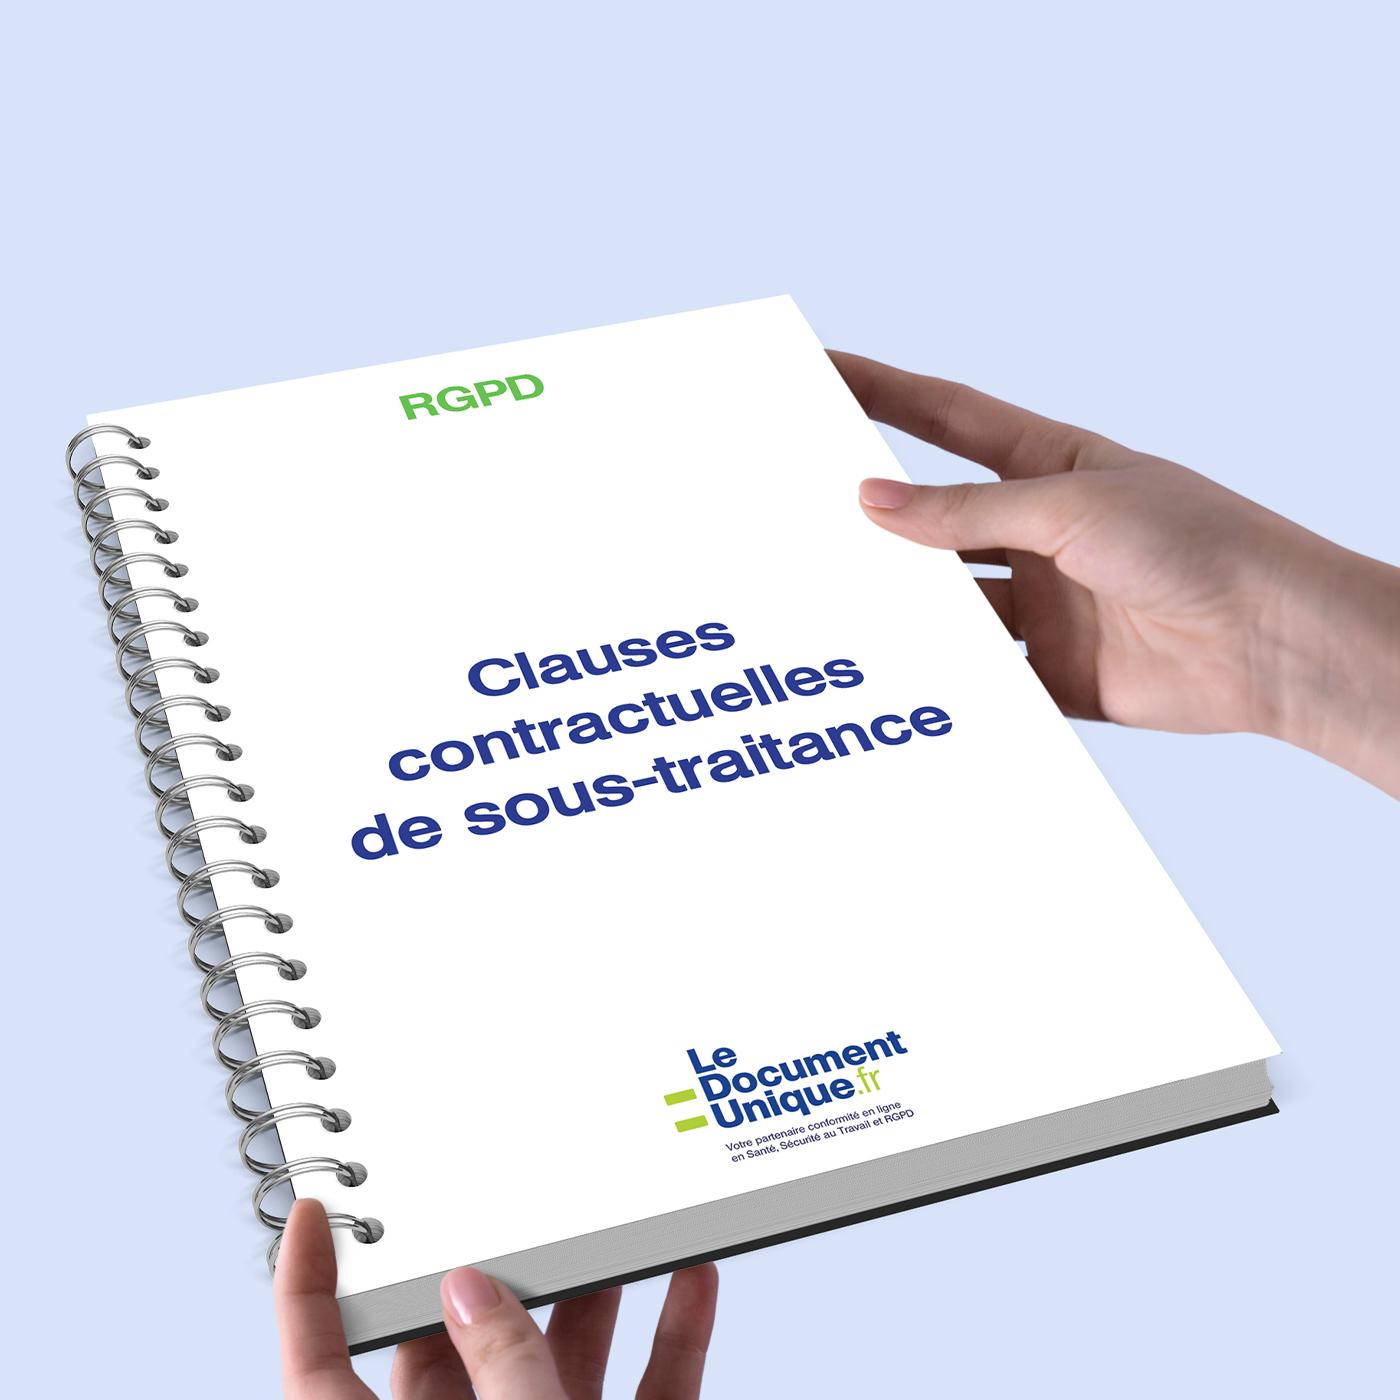 clauses contractuelles de sous-traitance conformes rgpd